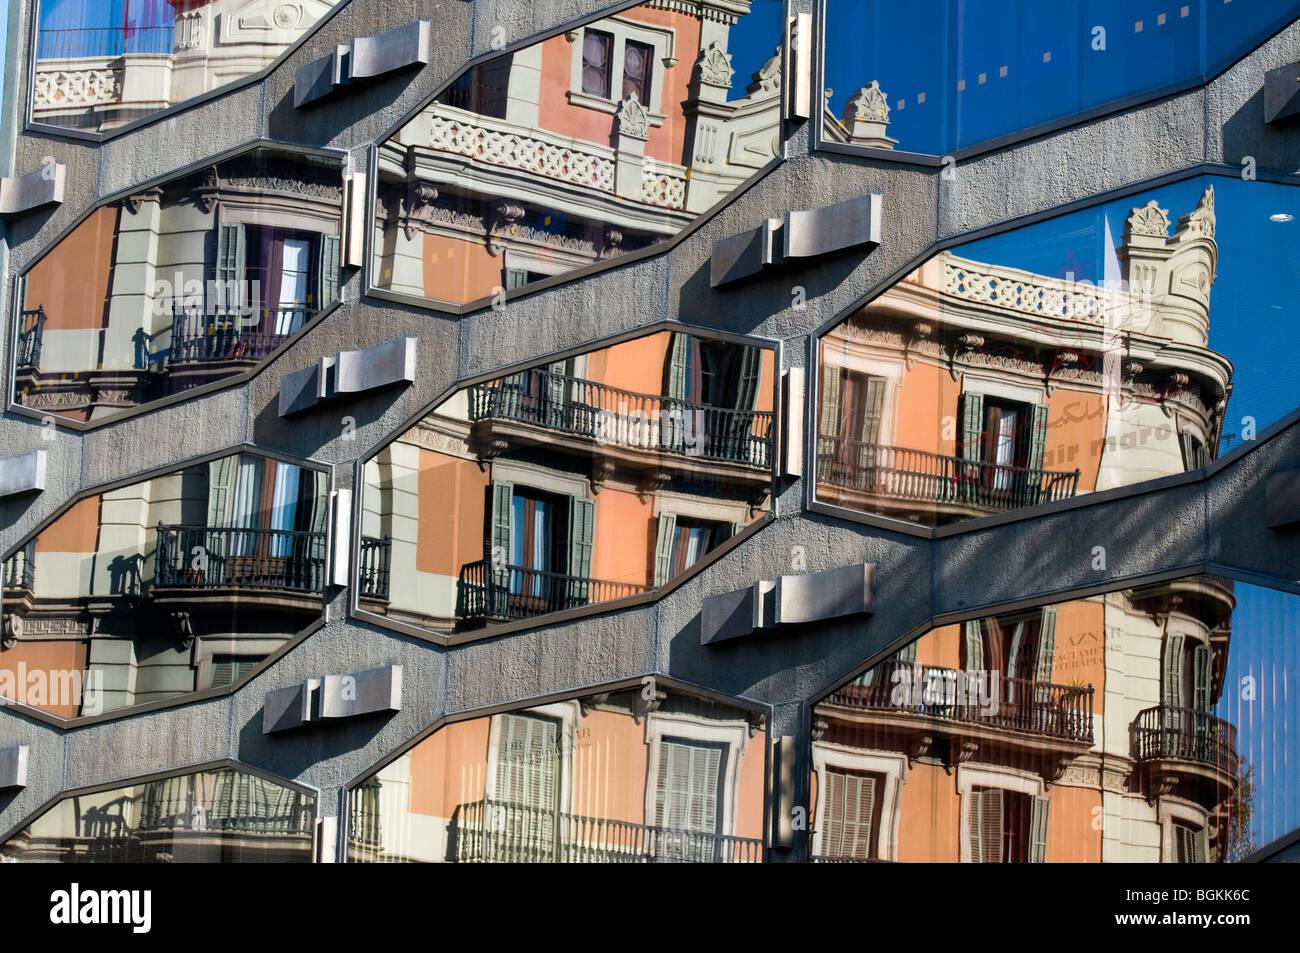 Nouveaux et anciens bâtiments' réflexion sur la Plaça de Catalunya, Barcelone, Urquinaona, Espagne Photo Stock